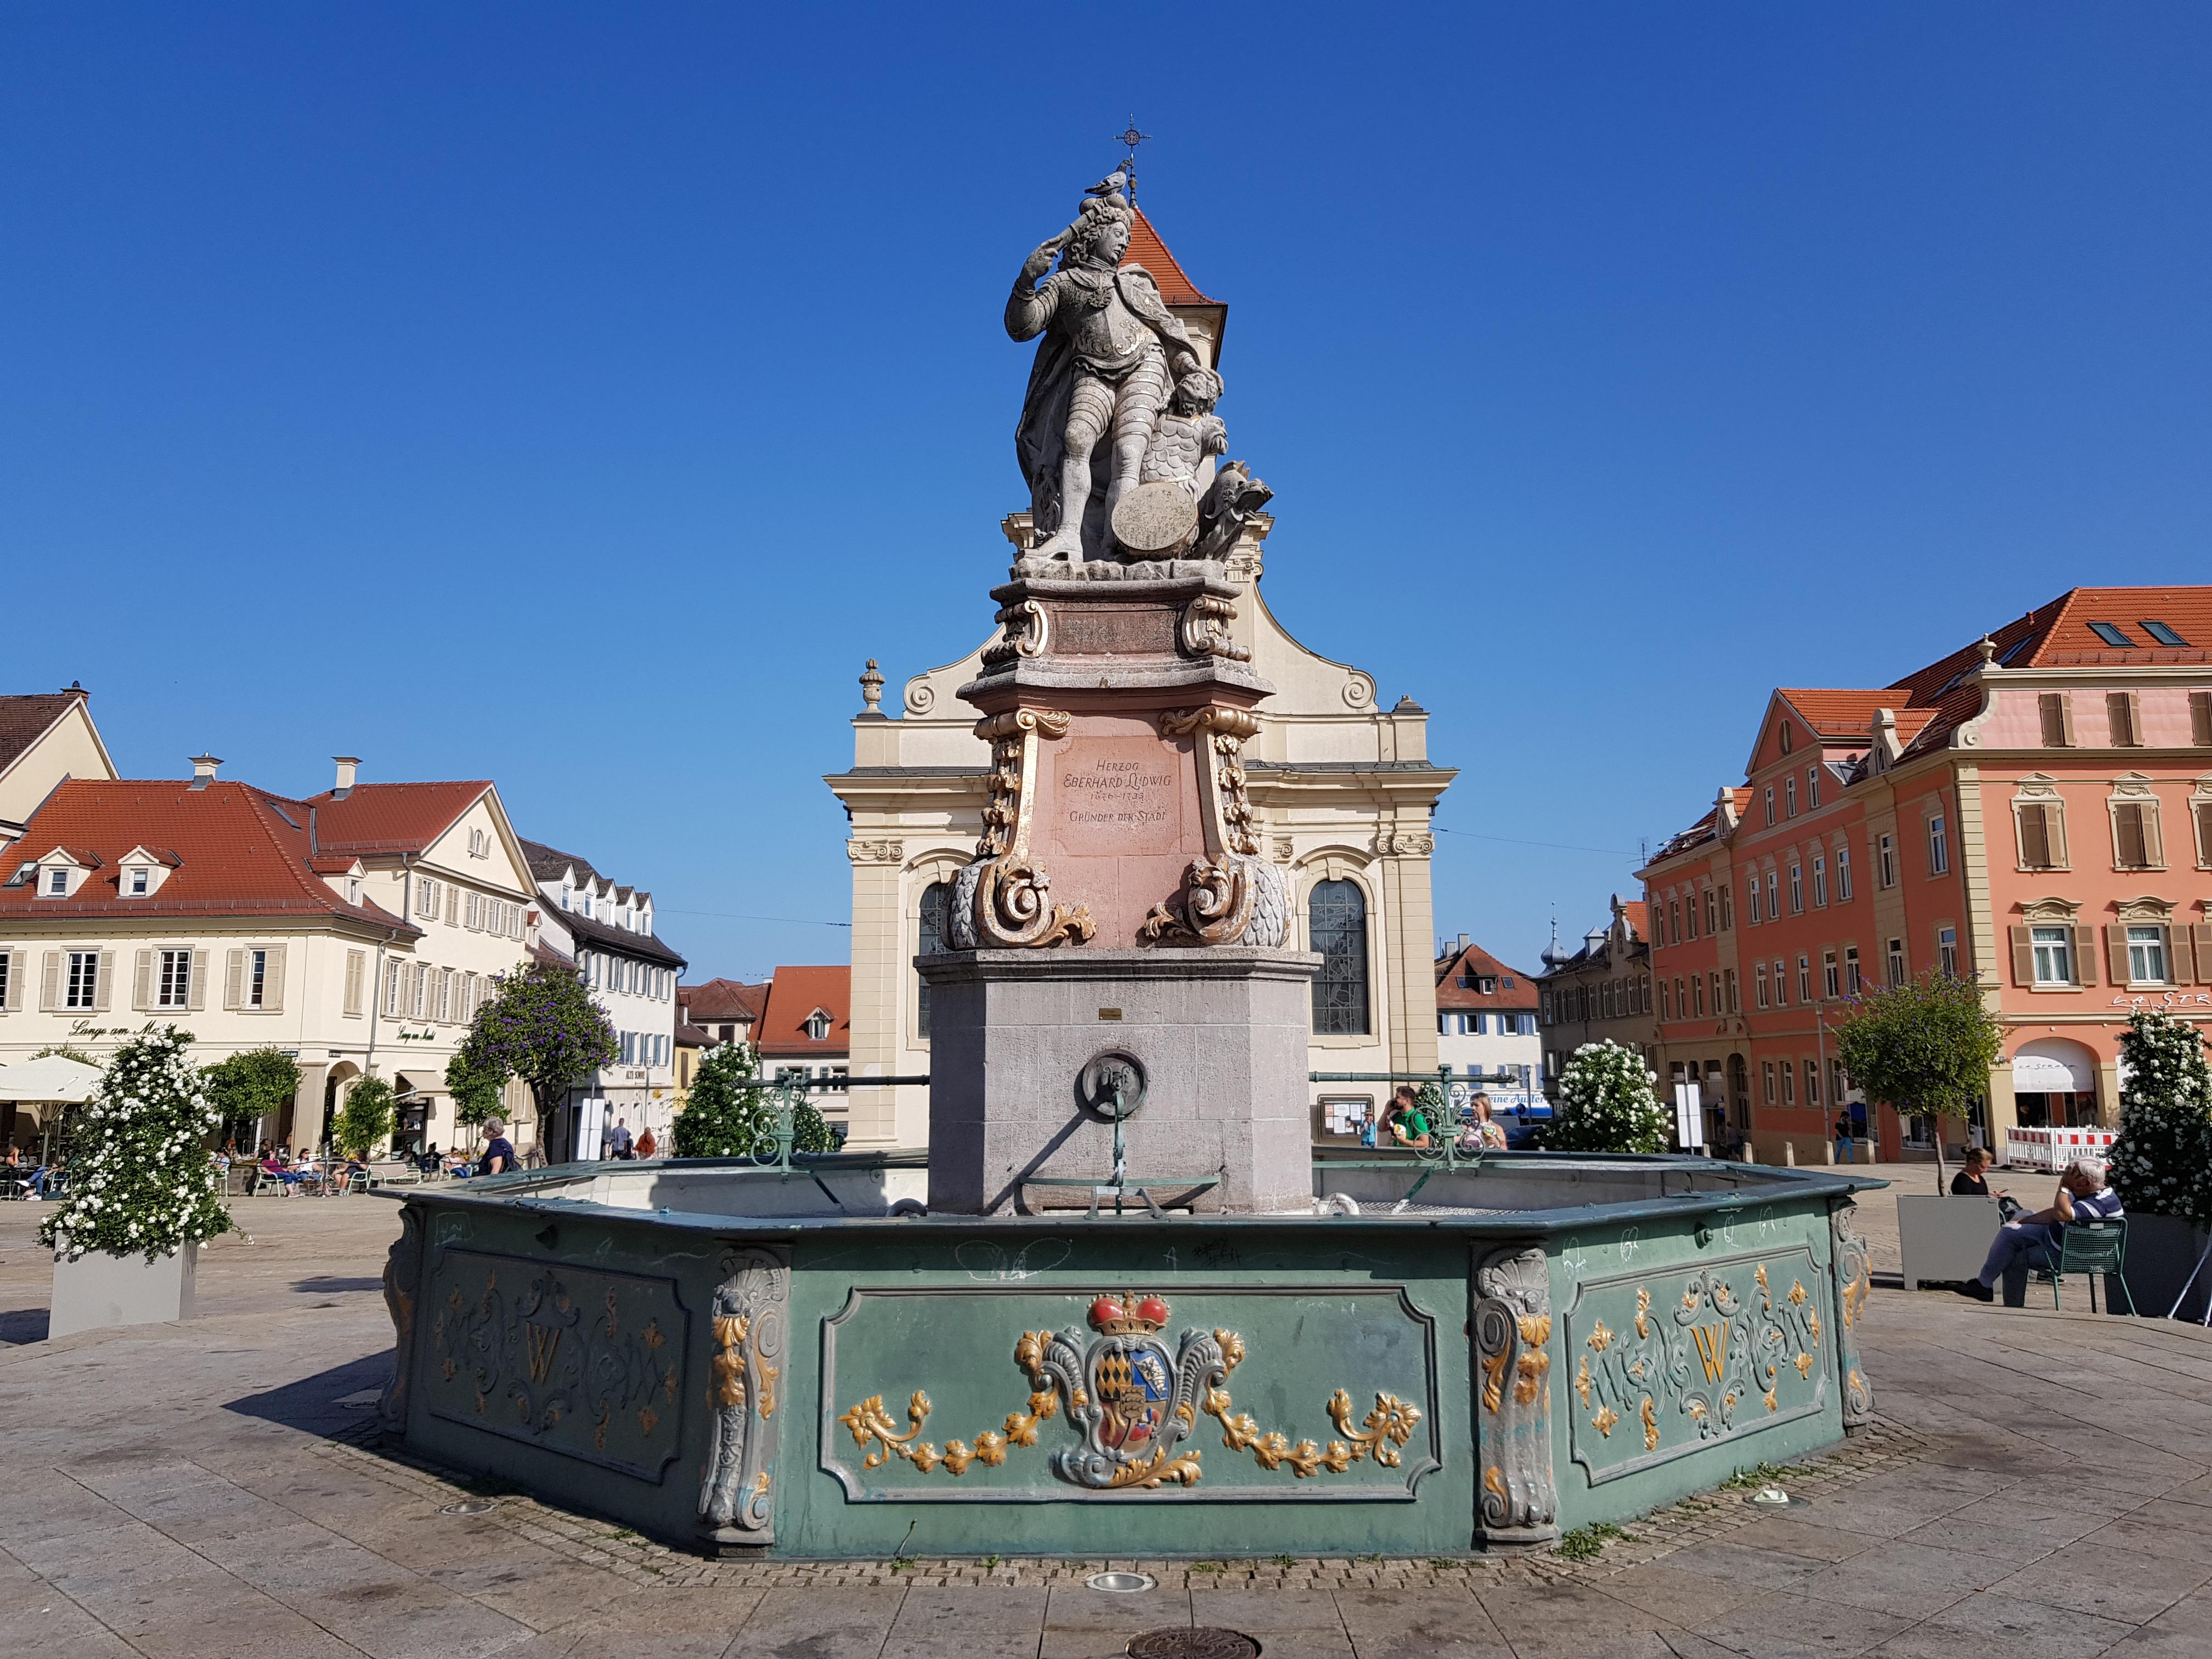 File:Eberhard-Ludwig-Brunnen, Marktbrunnen, Marktplatz, Ludwigsburg,  2020-09-18, yj.jpg - Wikimedia Commons